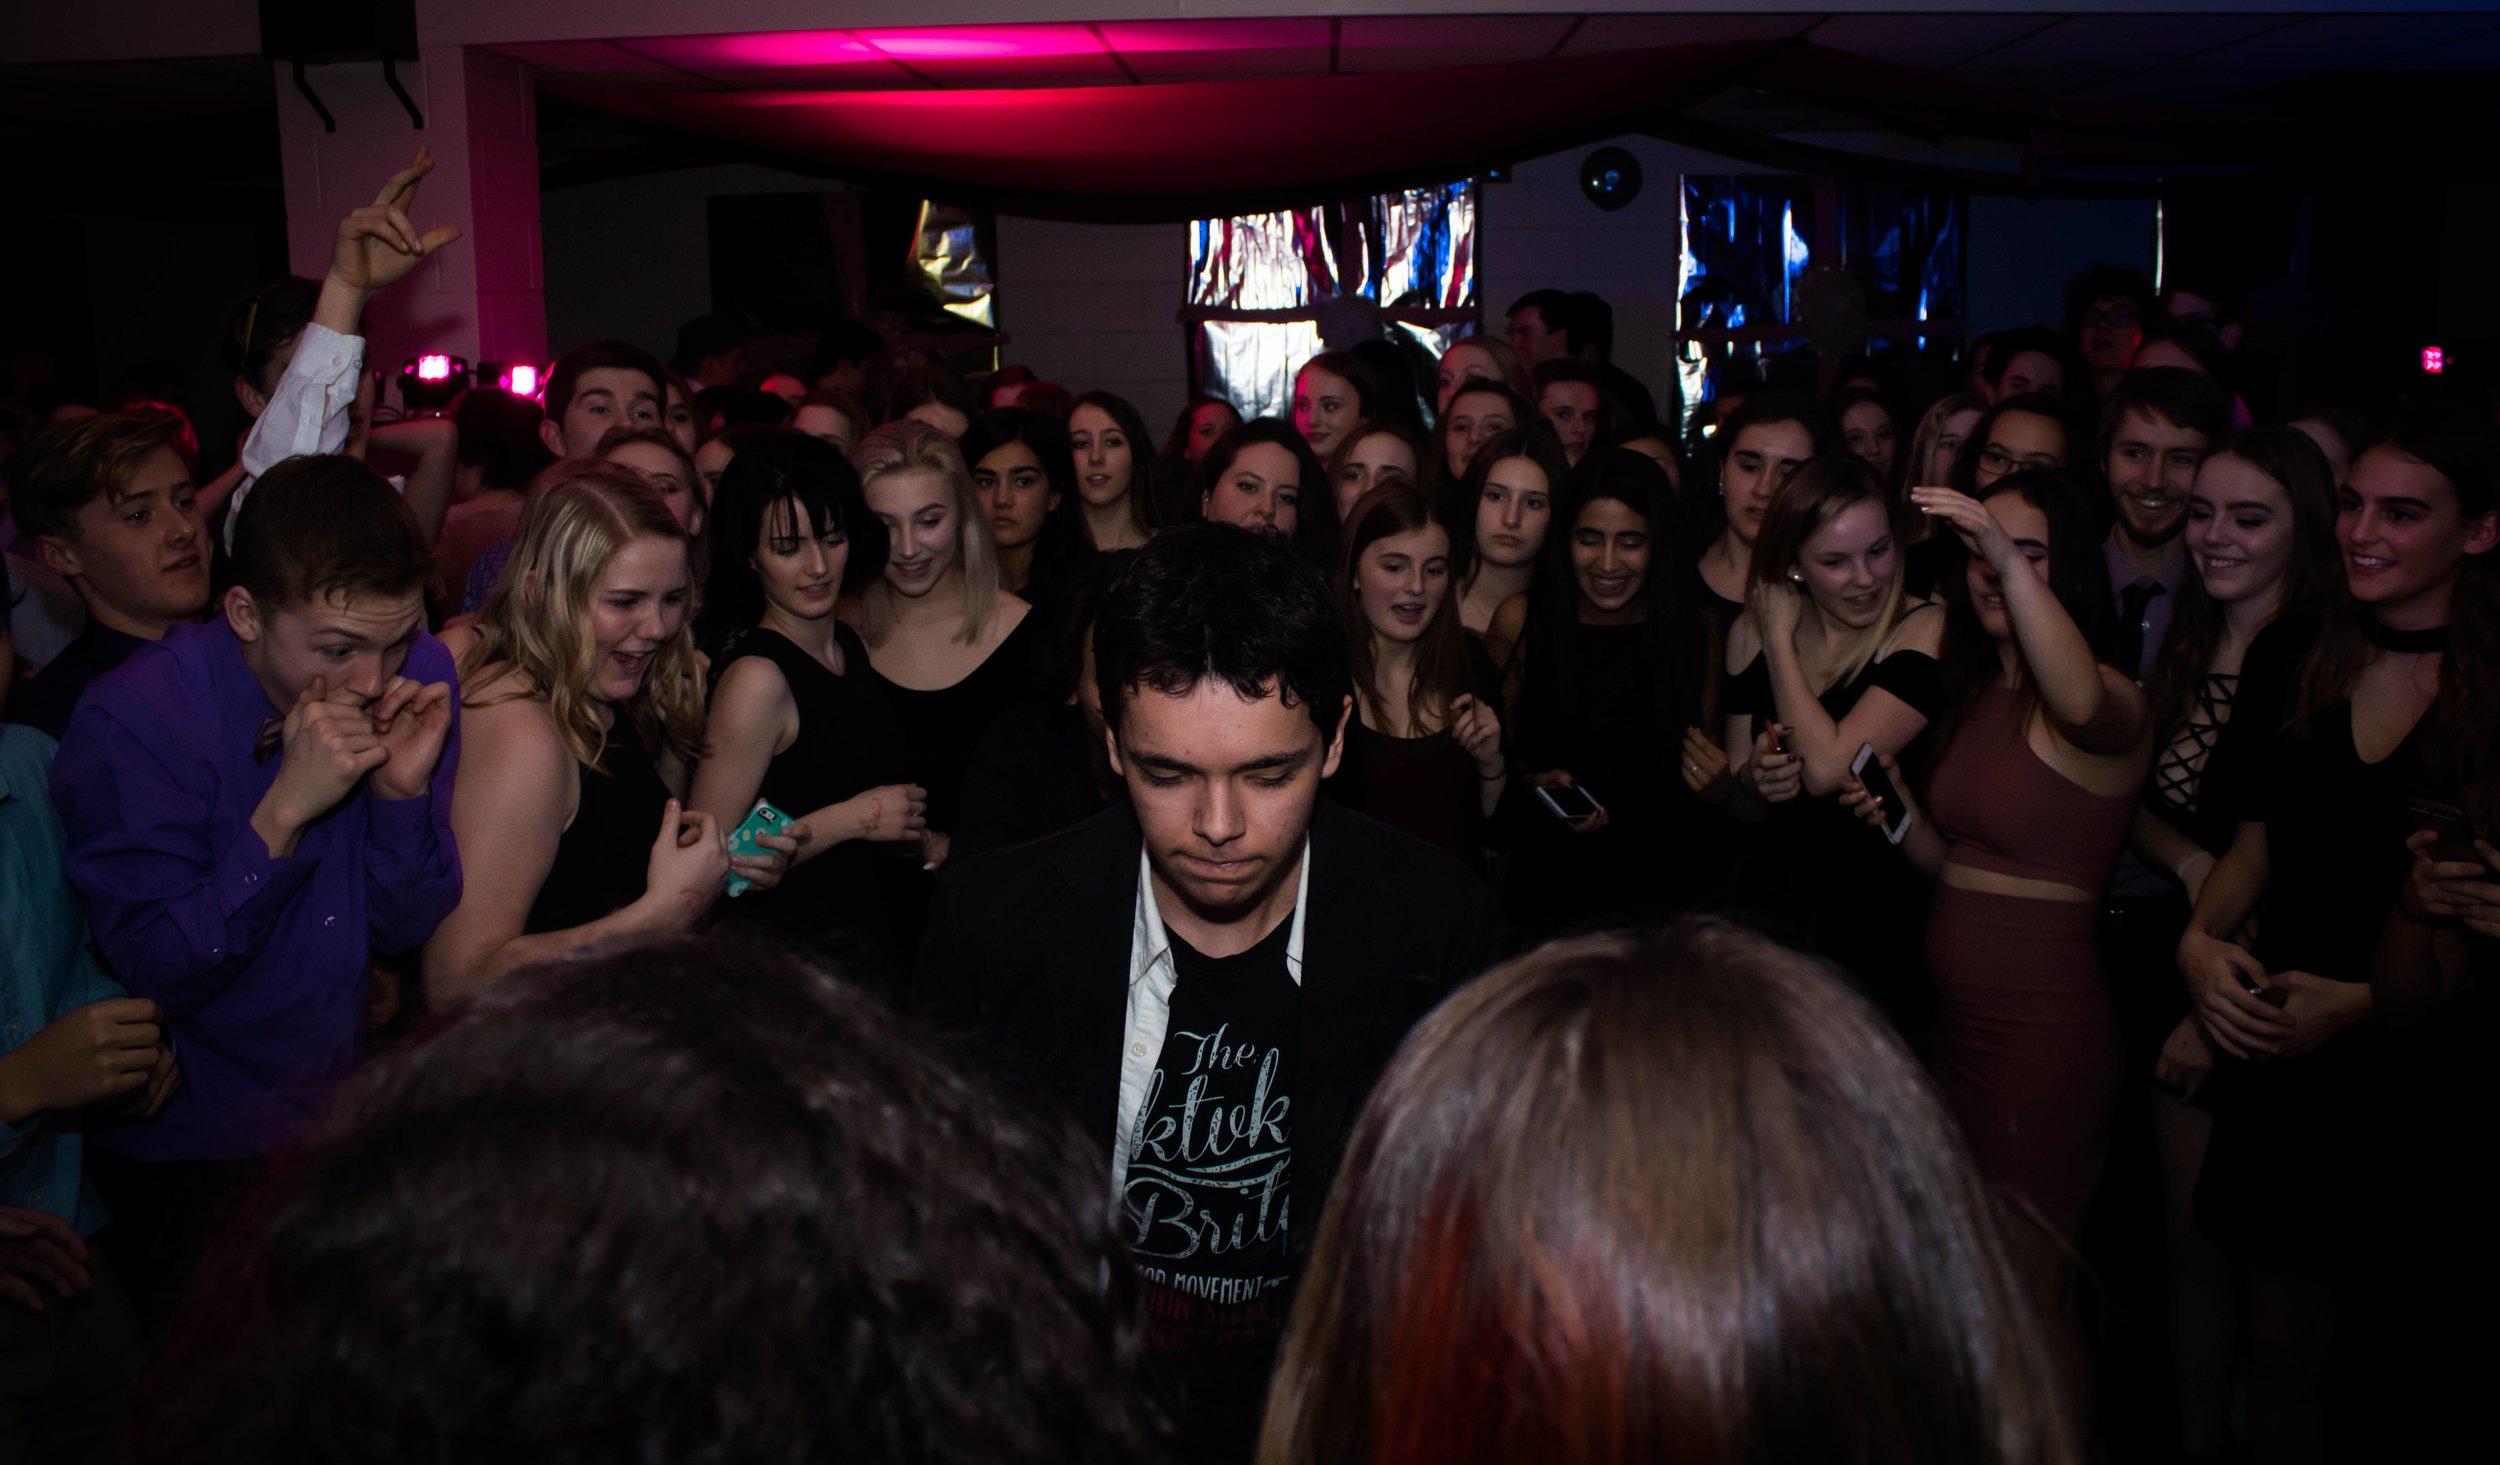 man in room full of people